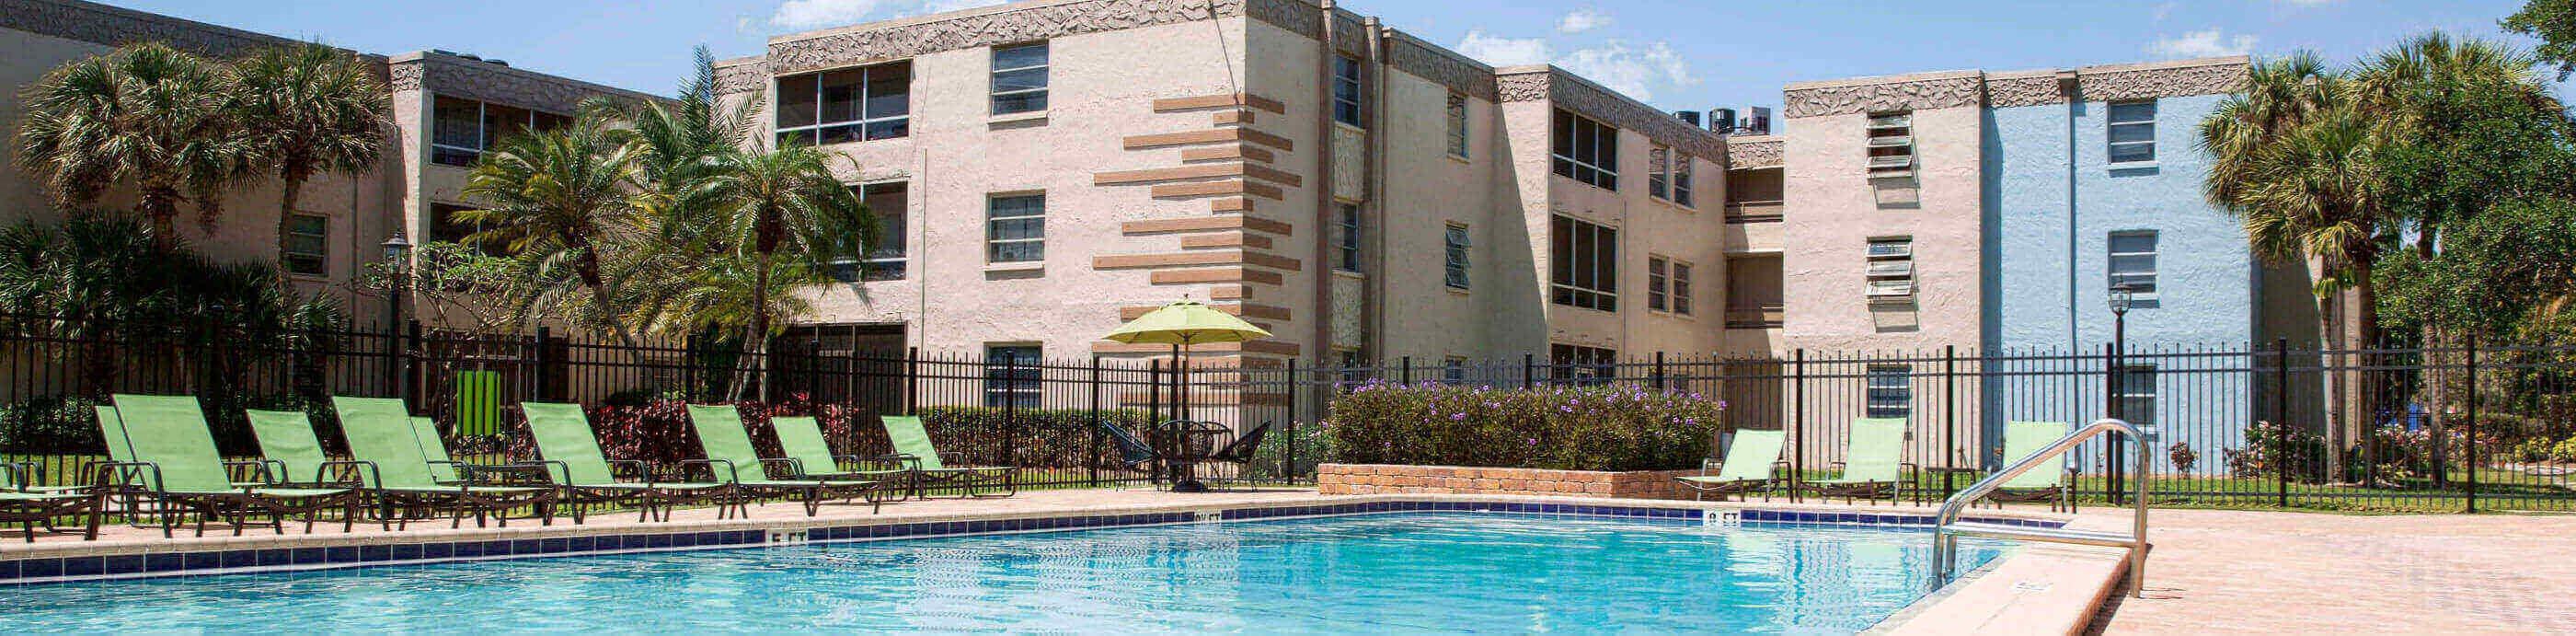 Private Swimming Pool at Harlow at Gateway, Florida, 33702